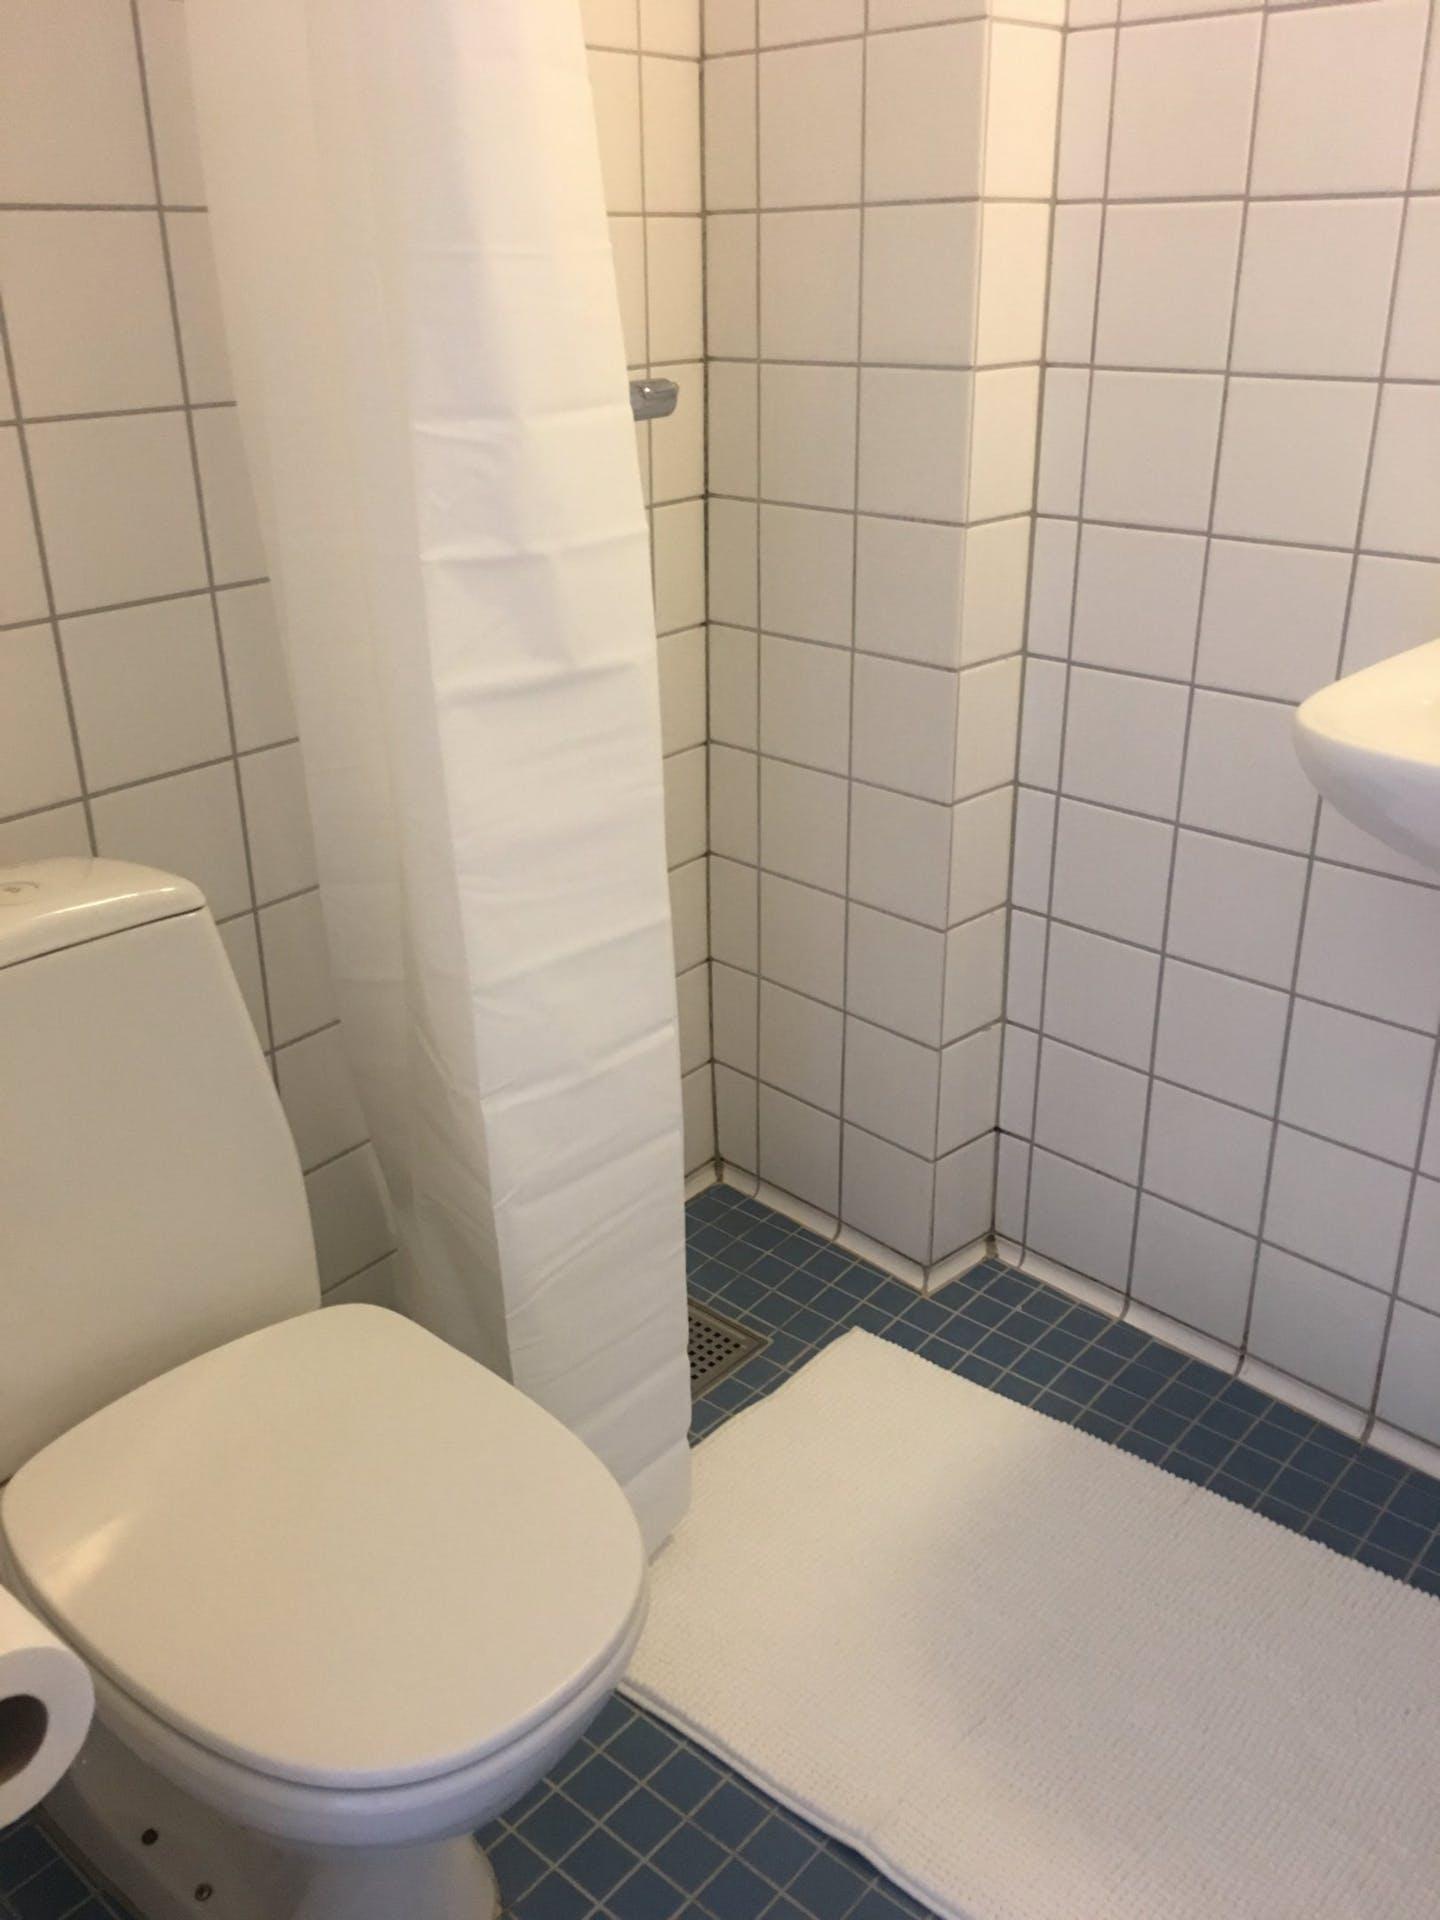 Bathroom at Nørrebrogade Apartments, Nørrebro, Copenhagen